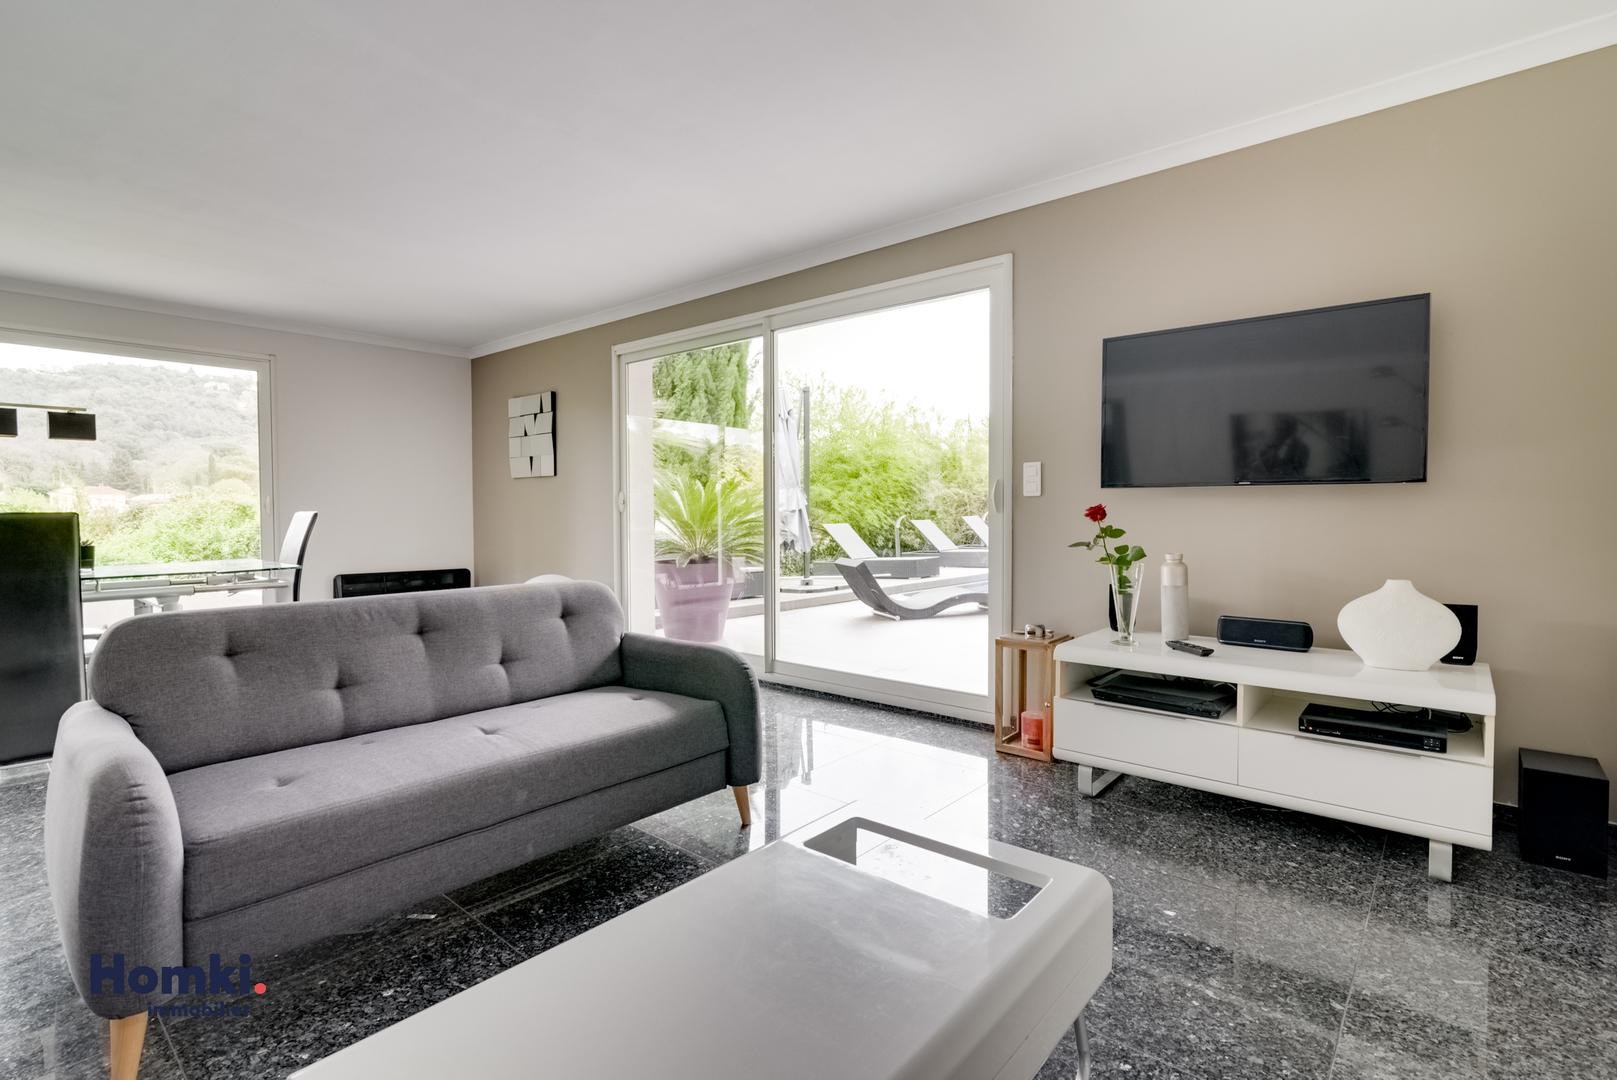 Vente Maison 112 m² T4 06810_6